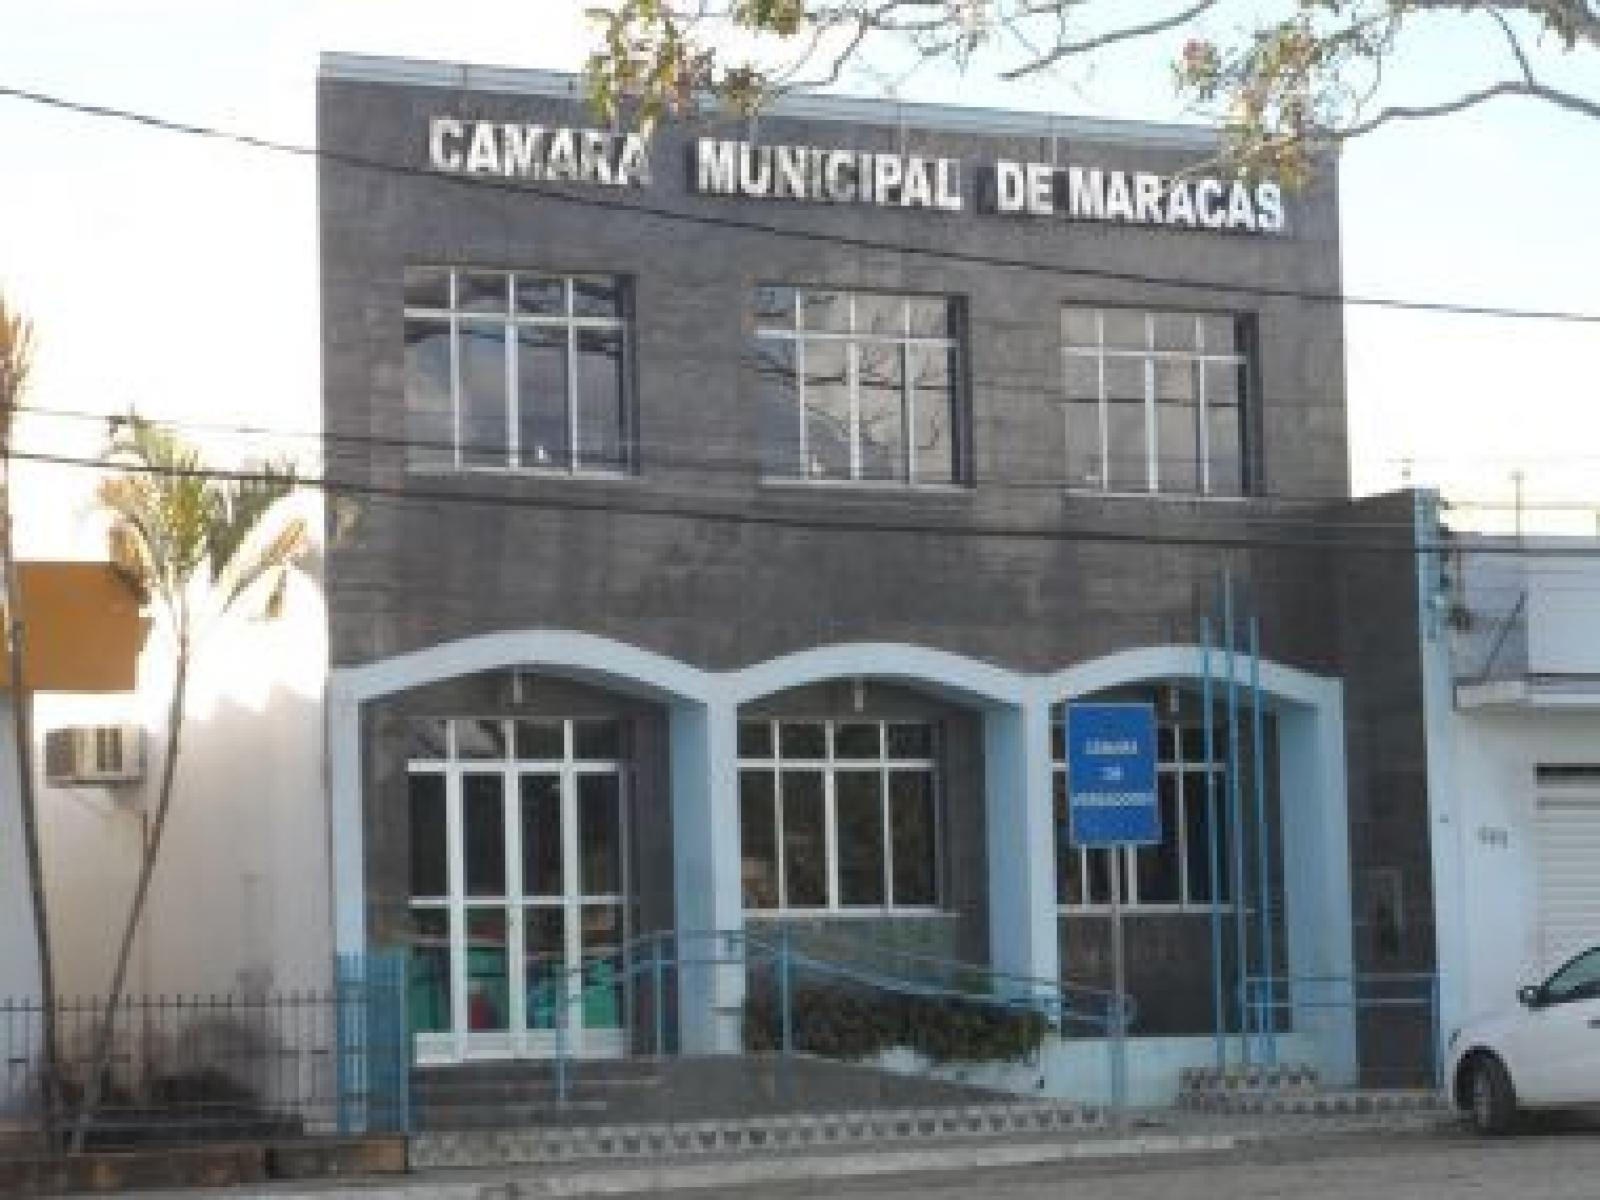 MP firma acordo com a Câmara Municipal de Maracás para regularizar quadro de servidores comissionados